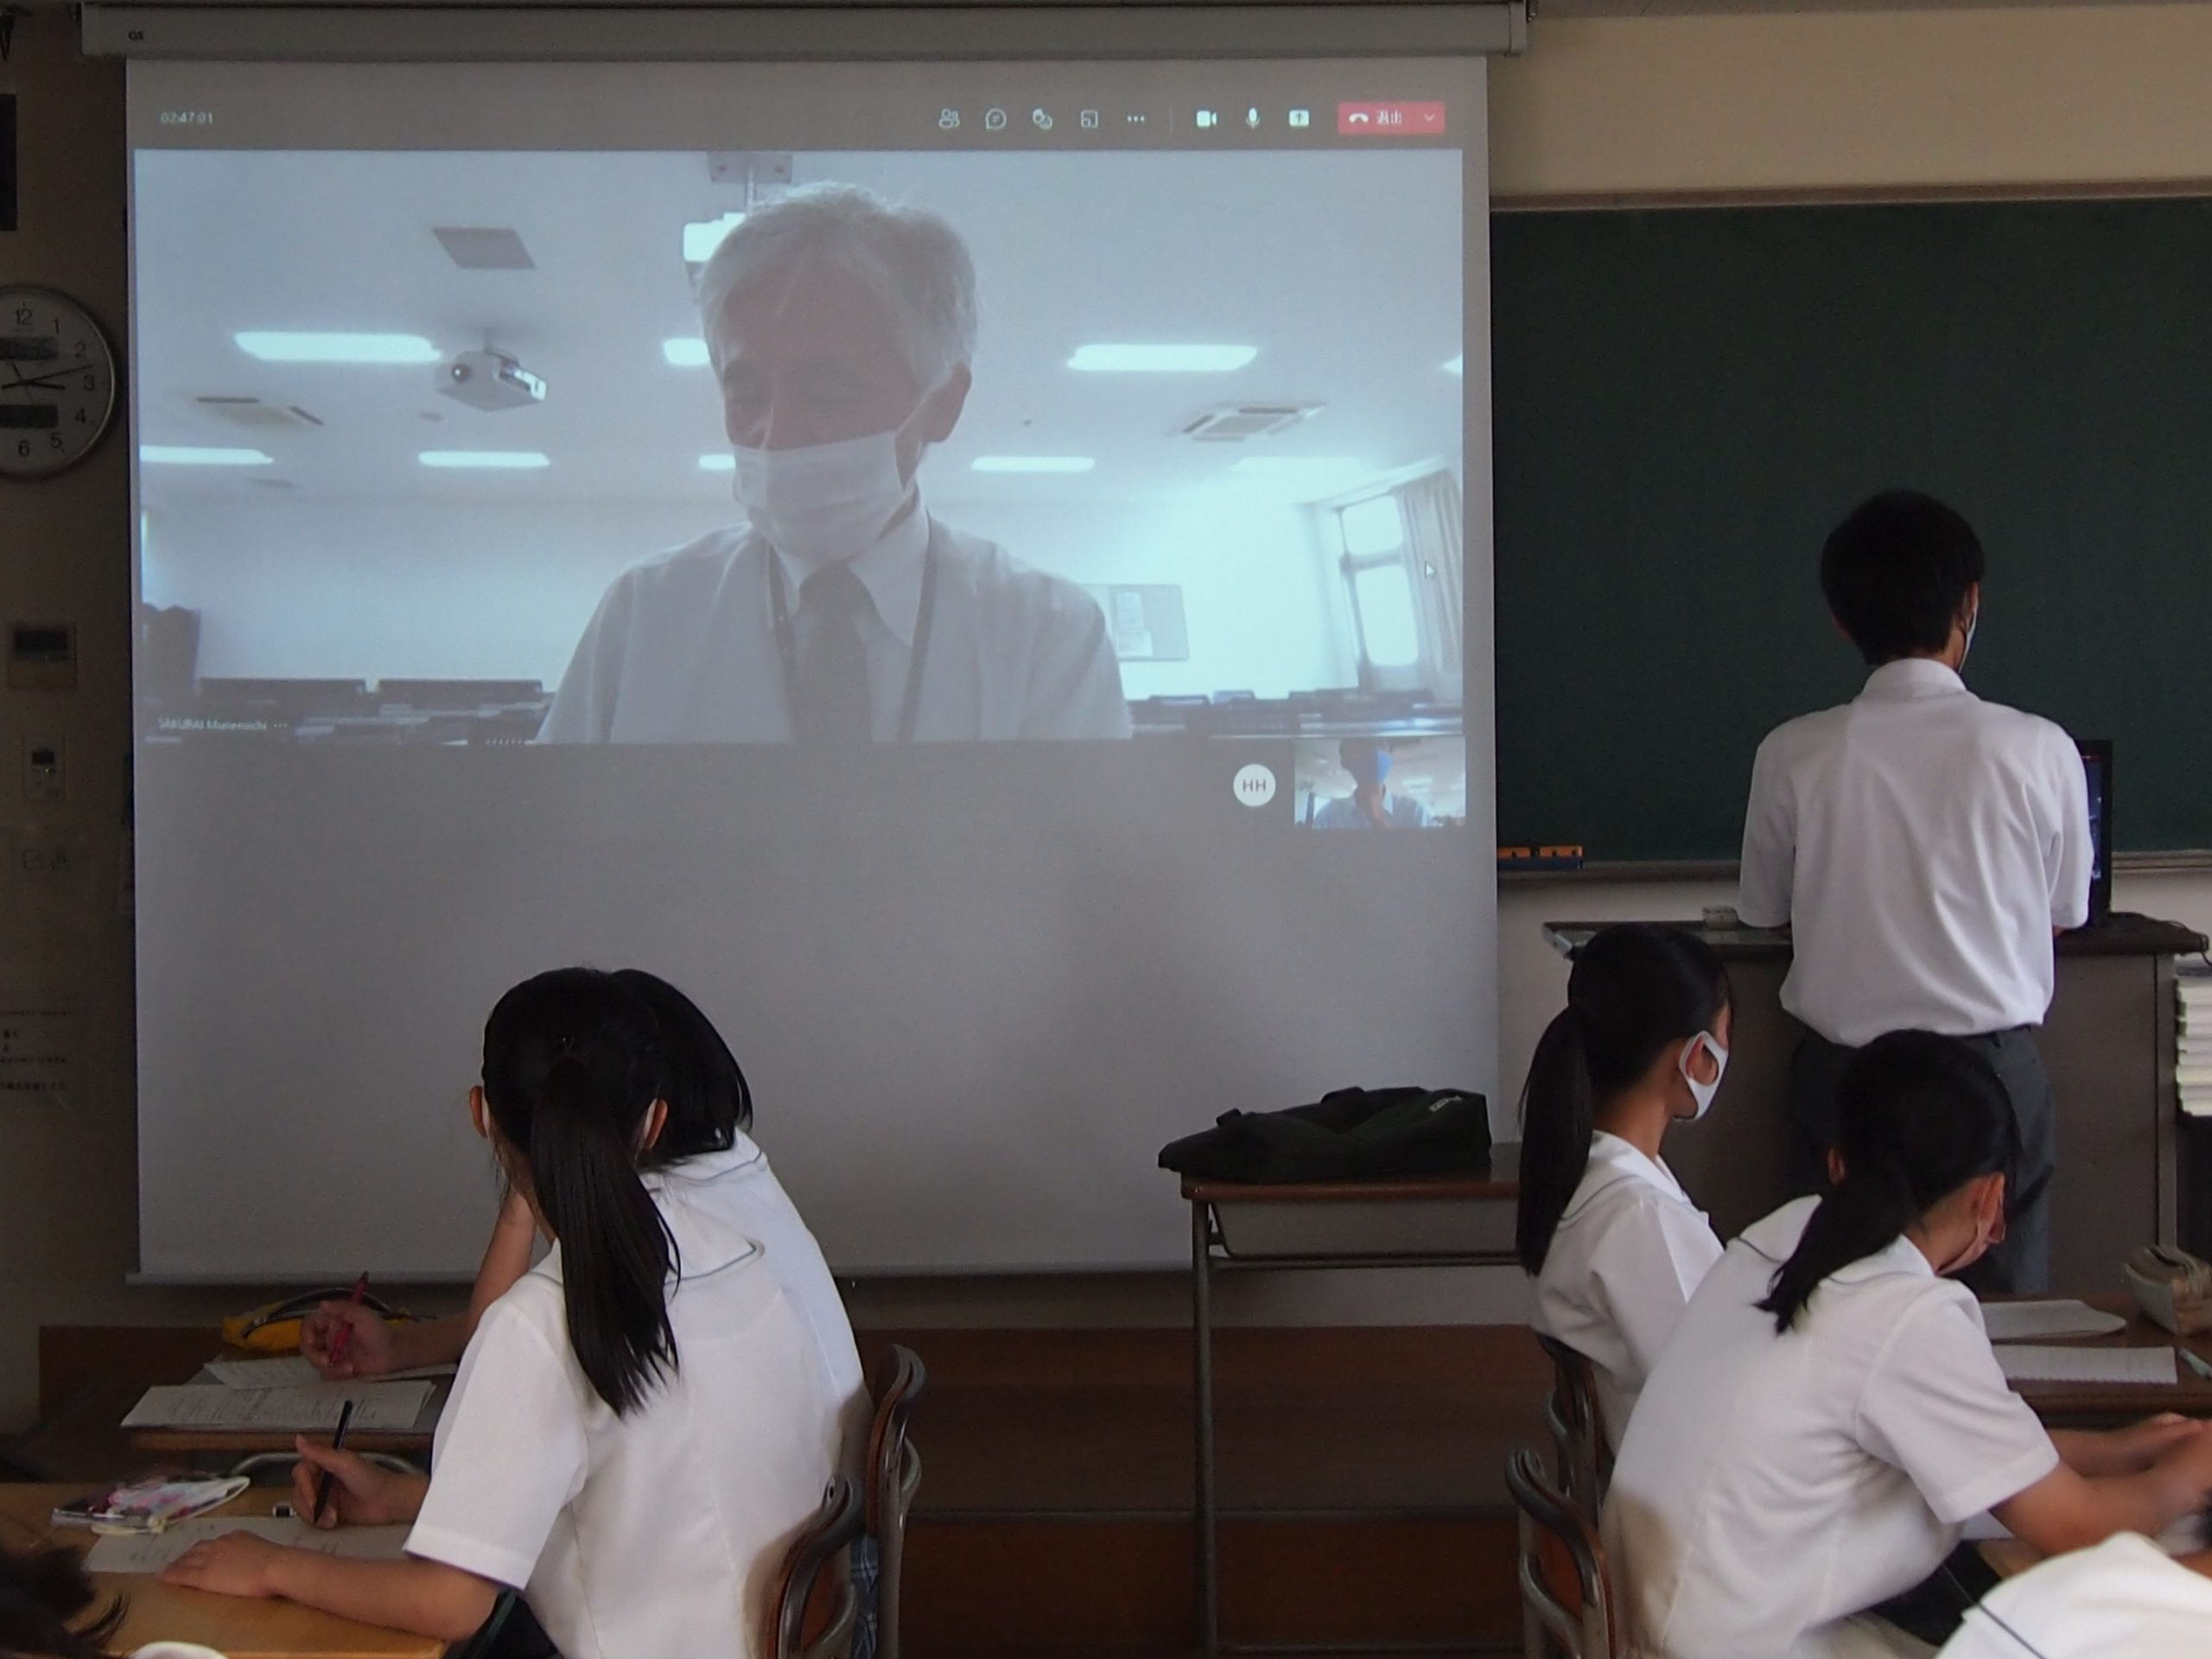 令和3年度愛媛大学附属高等学校夏季高大連携プログラム「応用科学探究」を実施しました